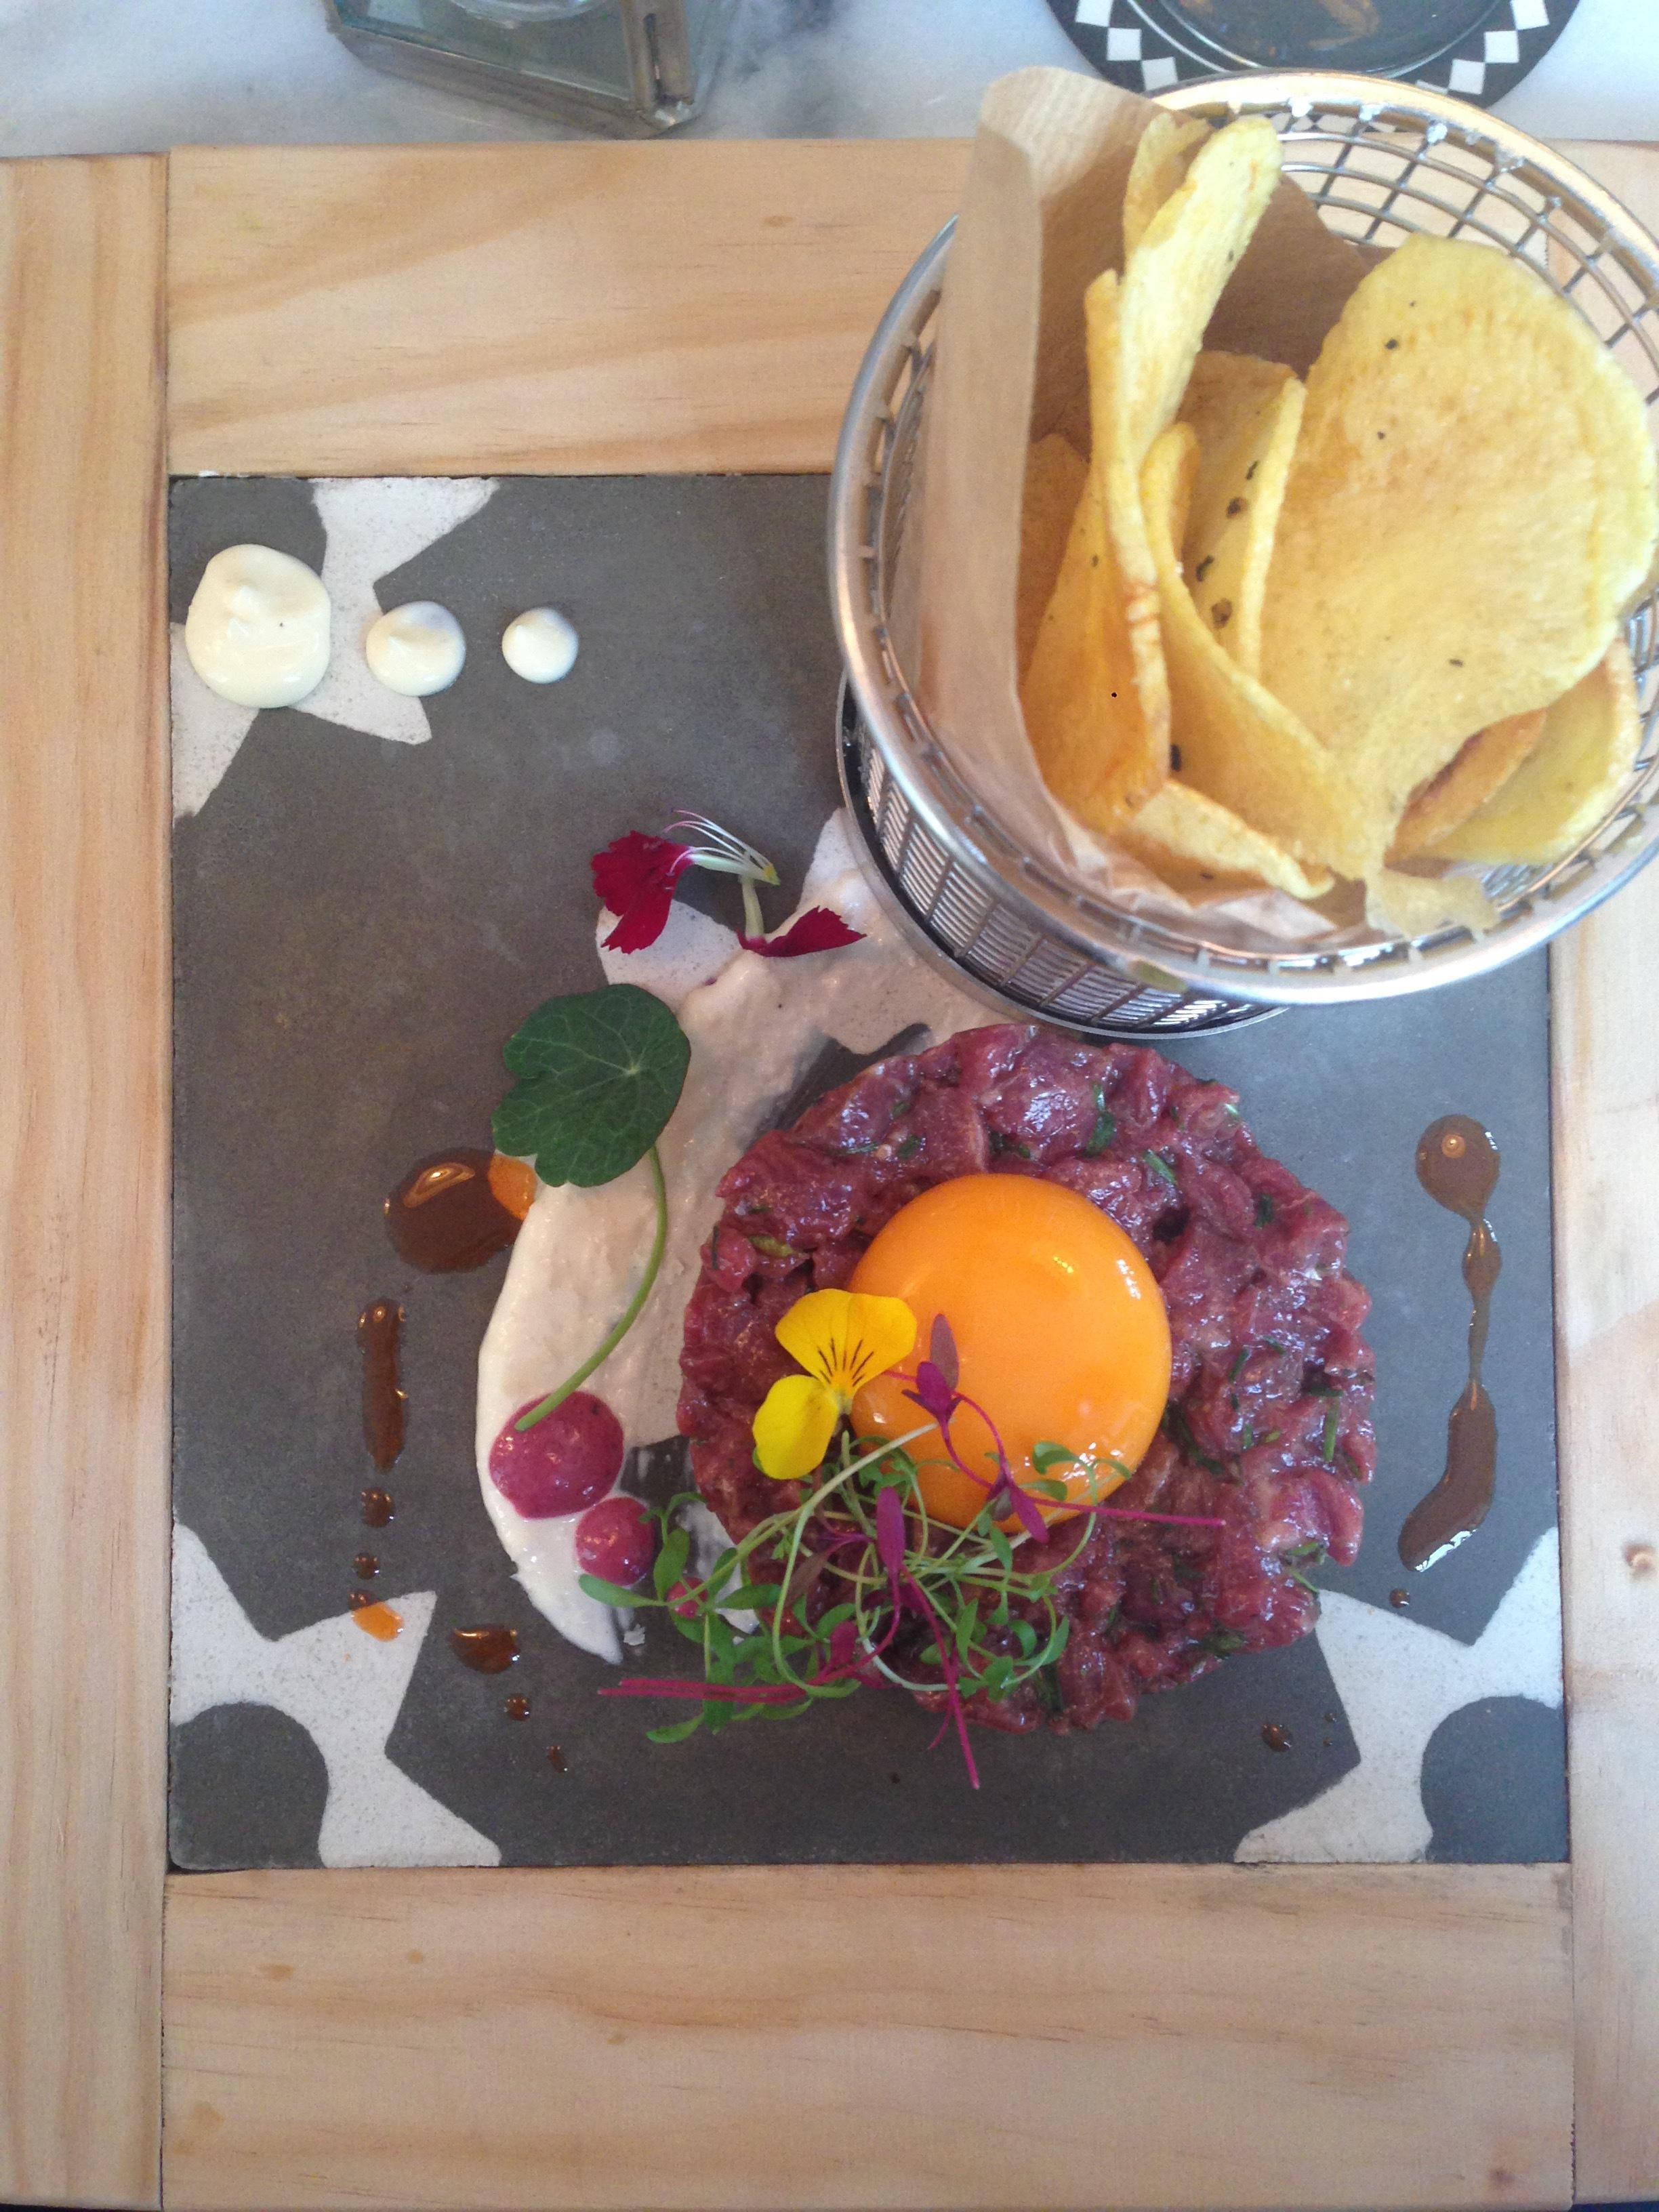 steak tartar lisbon hello getaway cityguide espumantaria do petisco